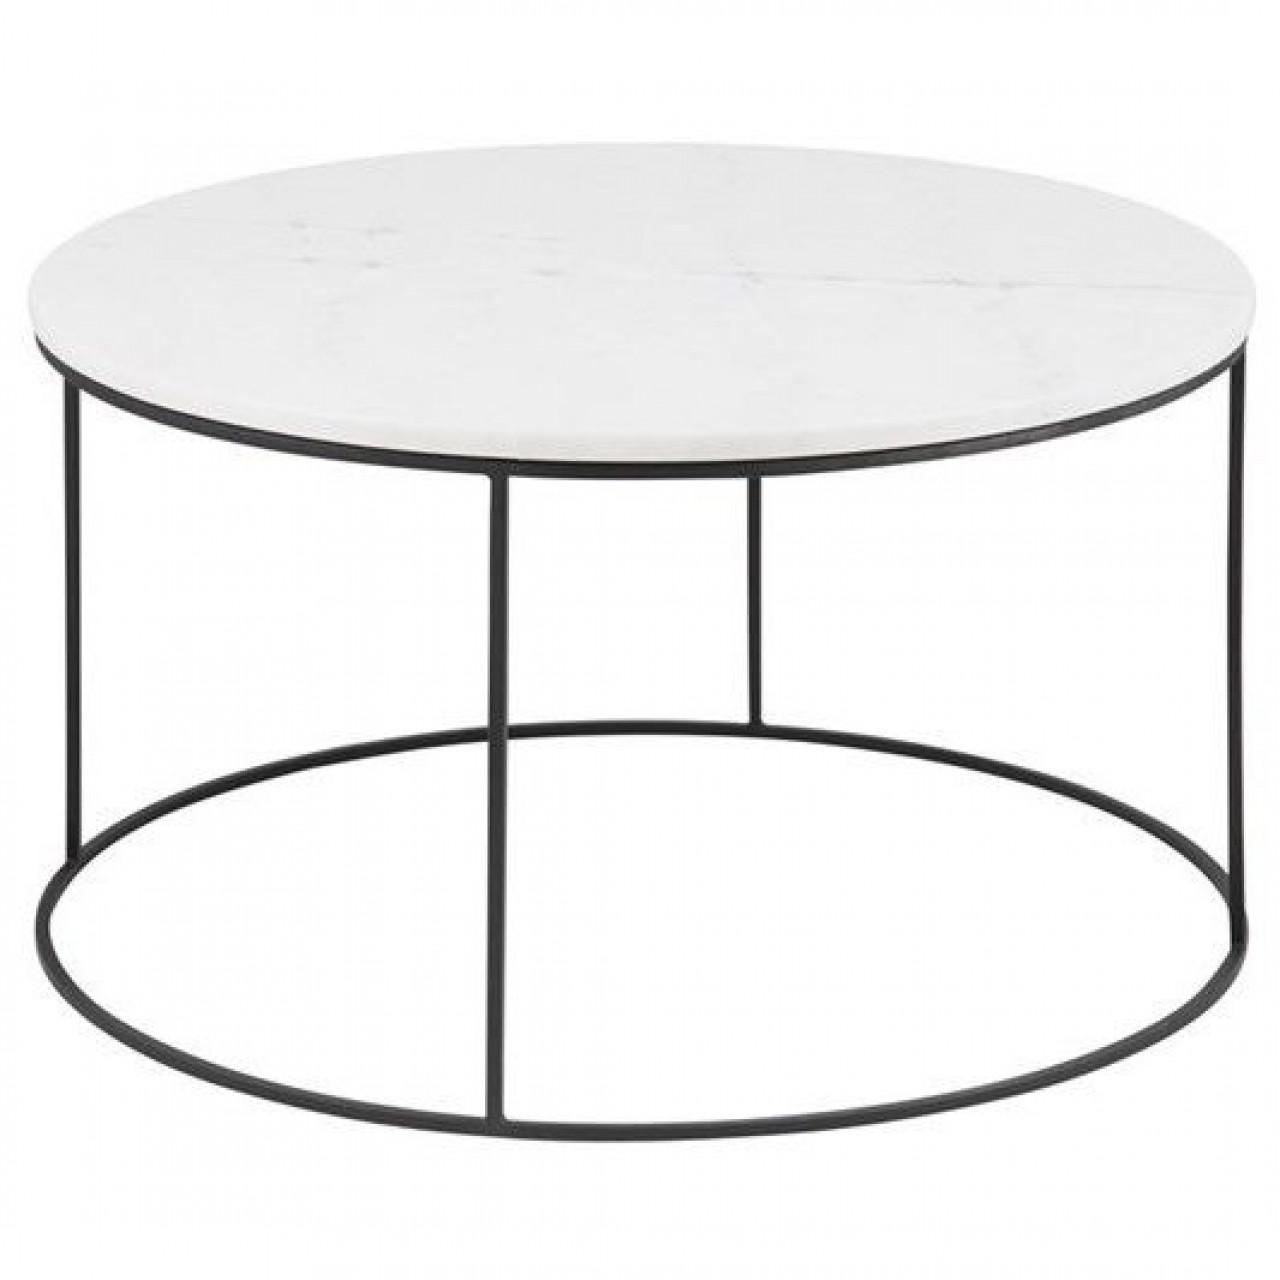 Balto Coffee Table Ø 80 | White Marble